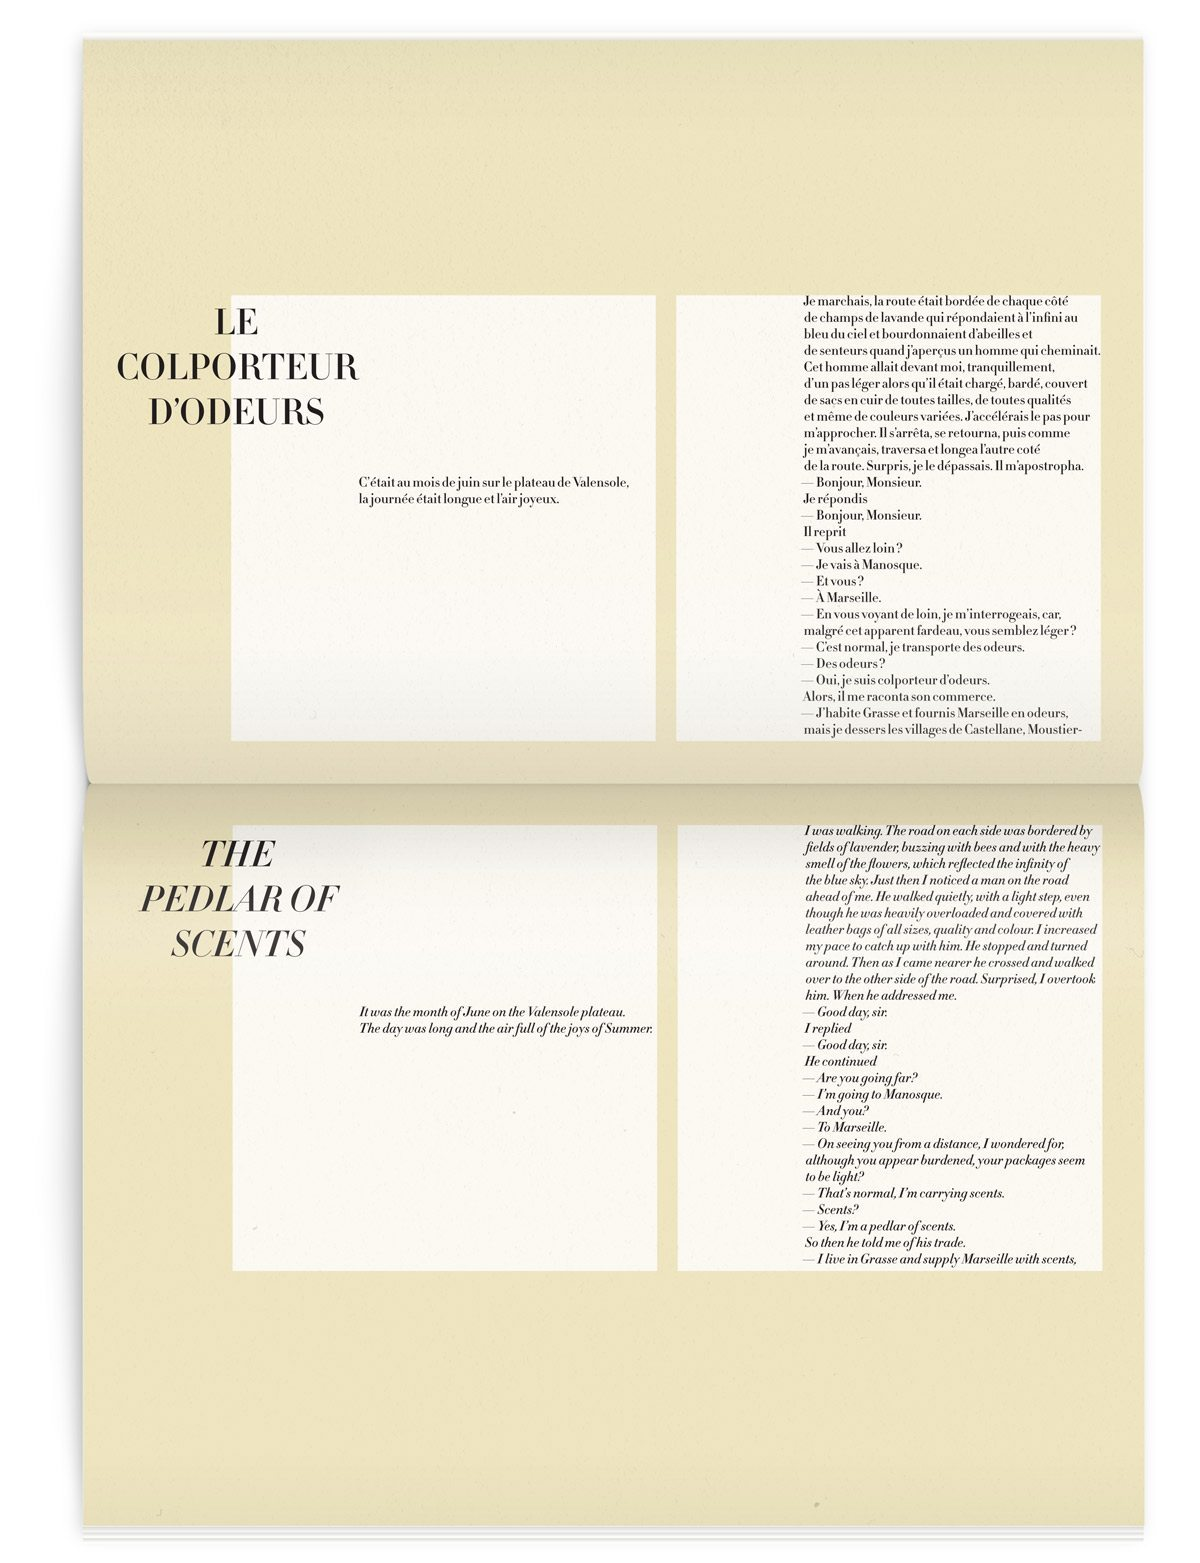 Double page, Le colporteur d'odeurs dans le magazine Iconofly, revue d'art autour d'un accessoire le sac de voyage, design IchetKar